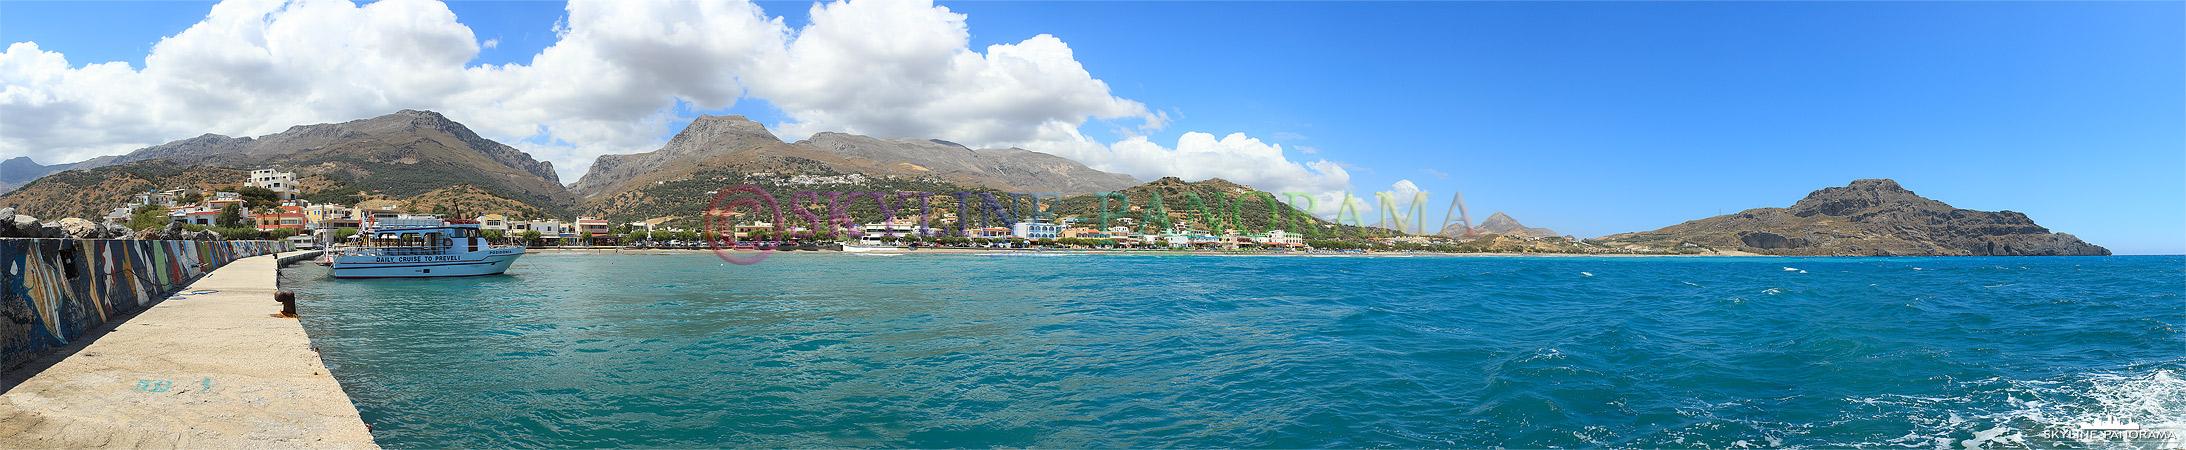 Der kleine Ort Plakias ist an der Südküste Kretas gelegen, es gibt zahlreiche Cafes und Restaurats entlang der Strandstraße.